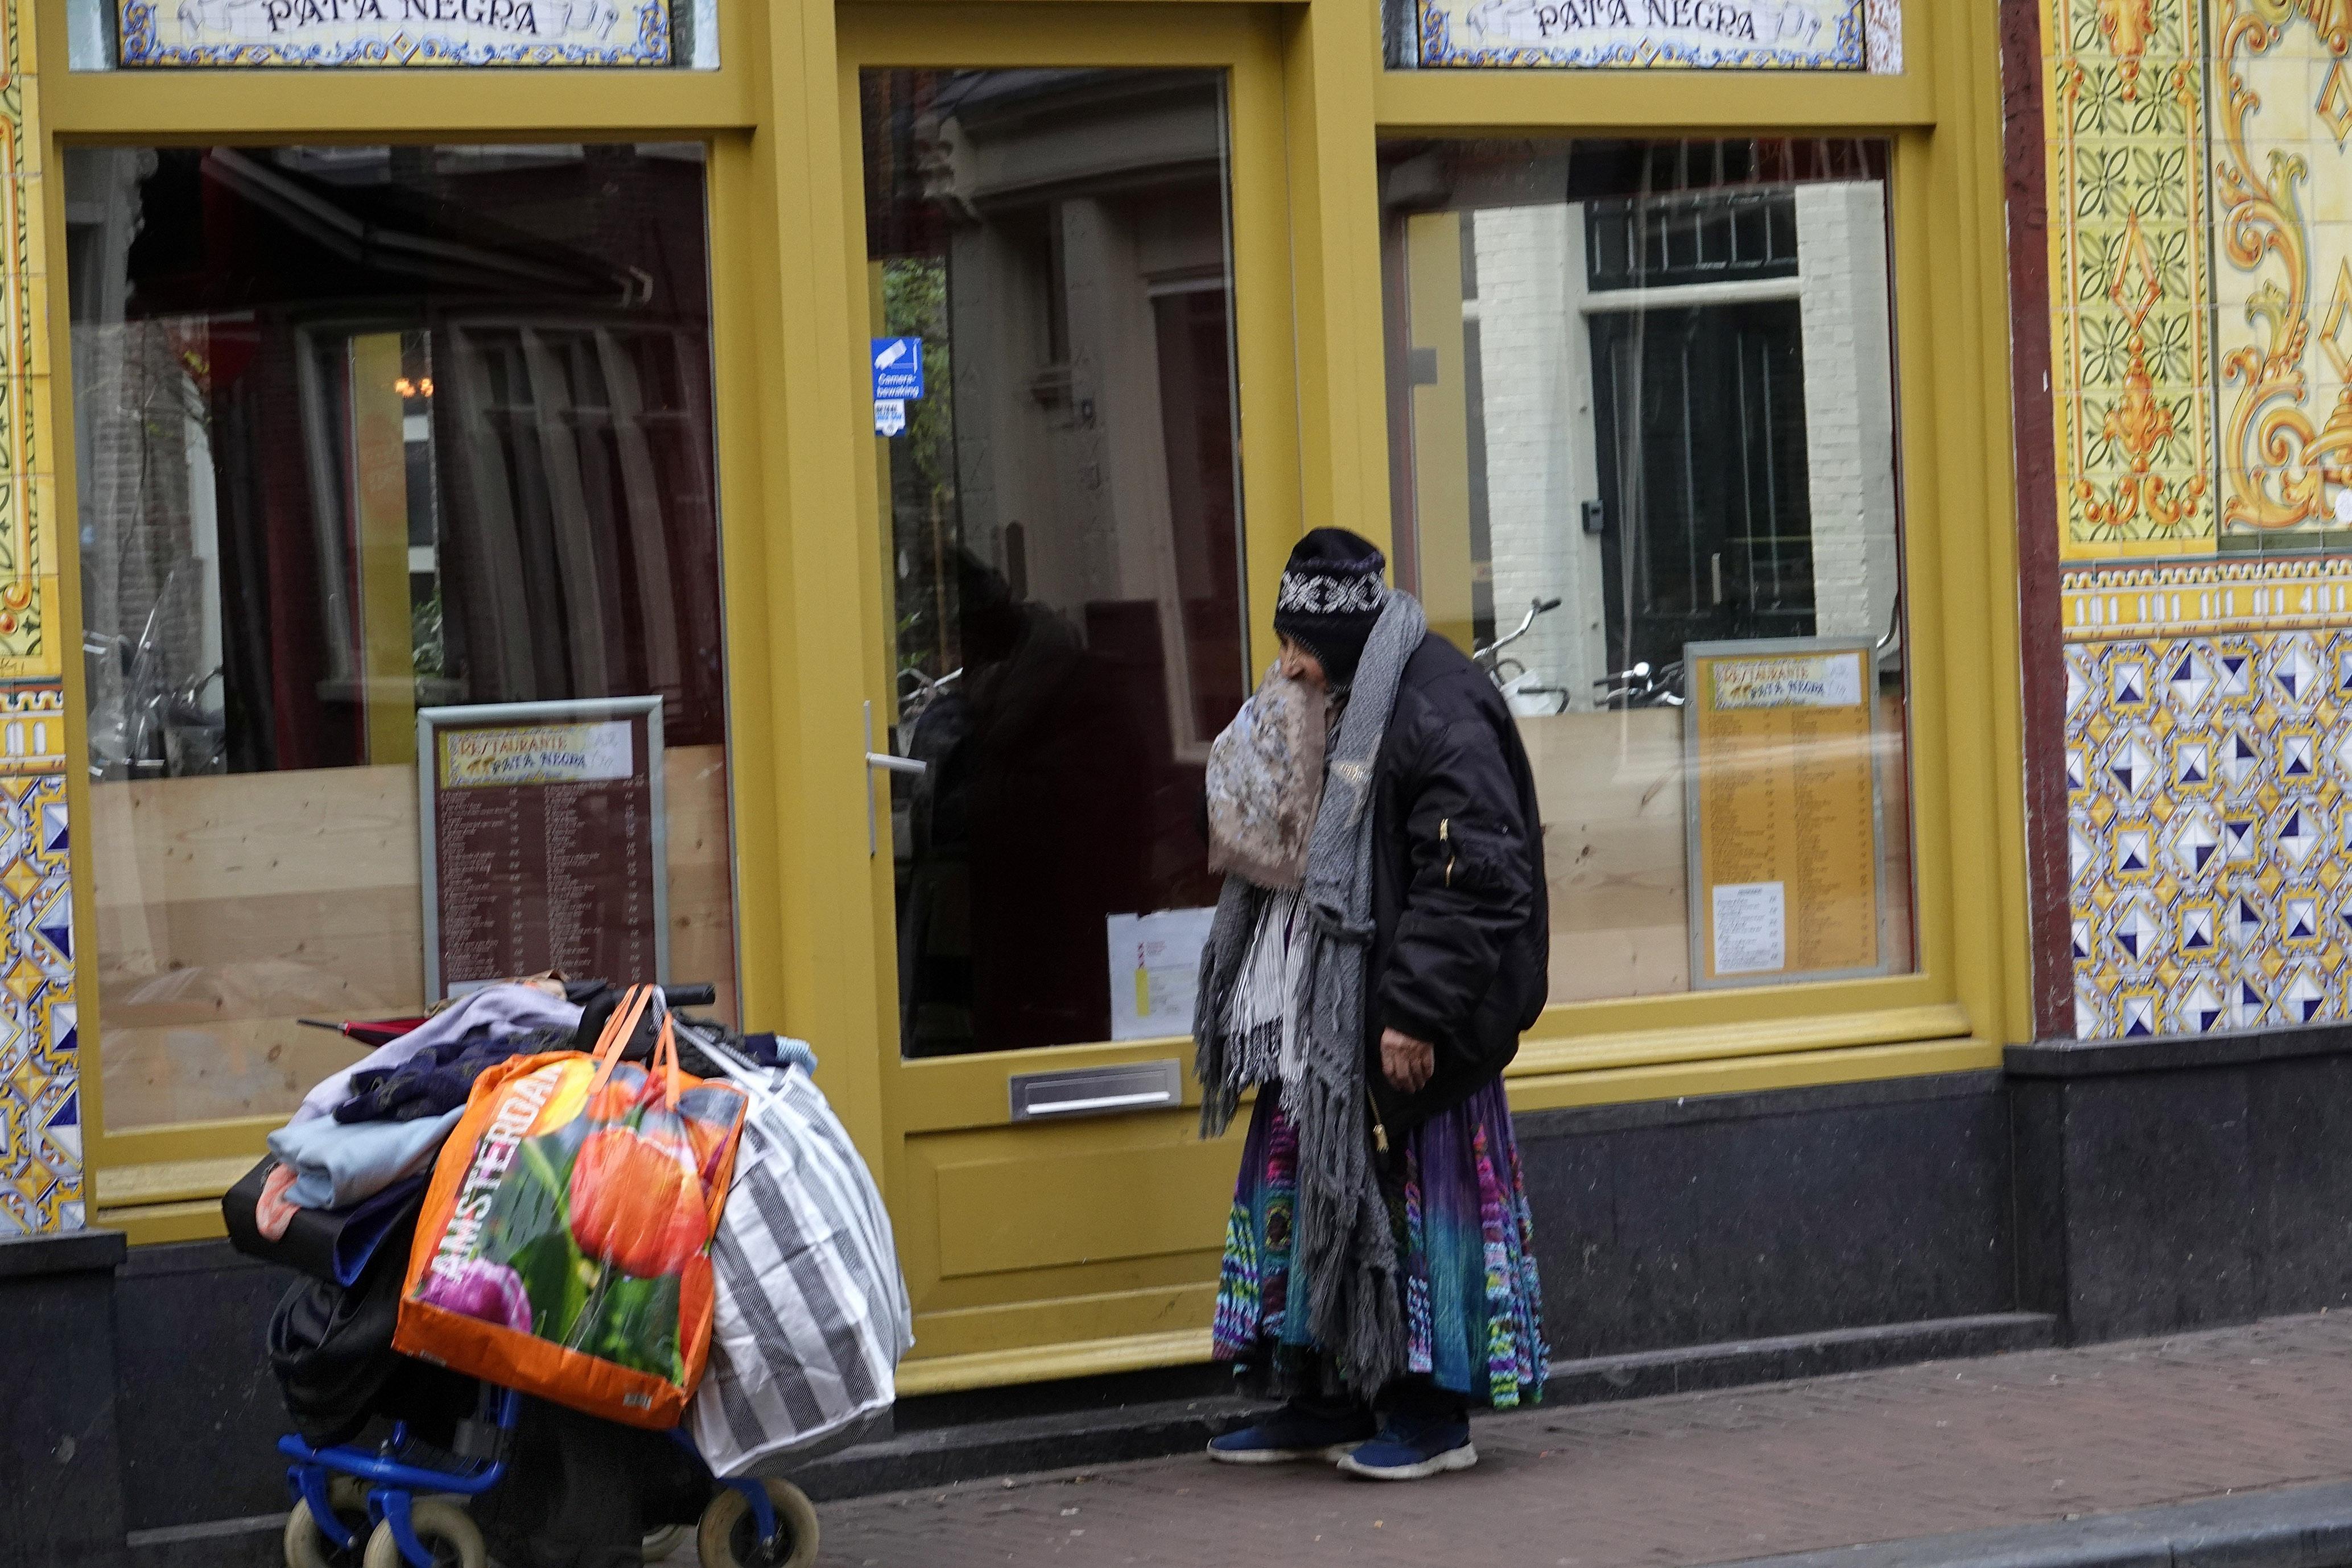 Oproep Rode Kruis: meer oog nodig voor kwetsbare daklozen - corona in deze groep is gevaar voor de publieke gezondheid